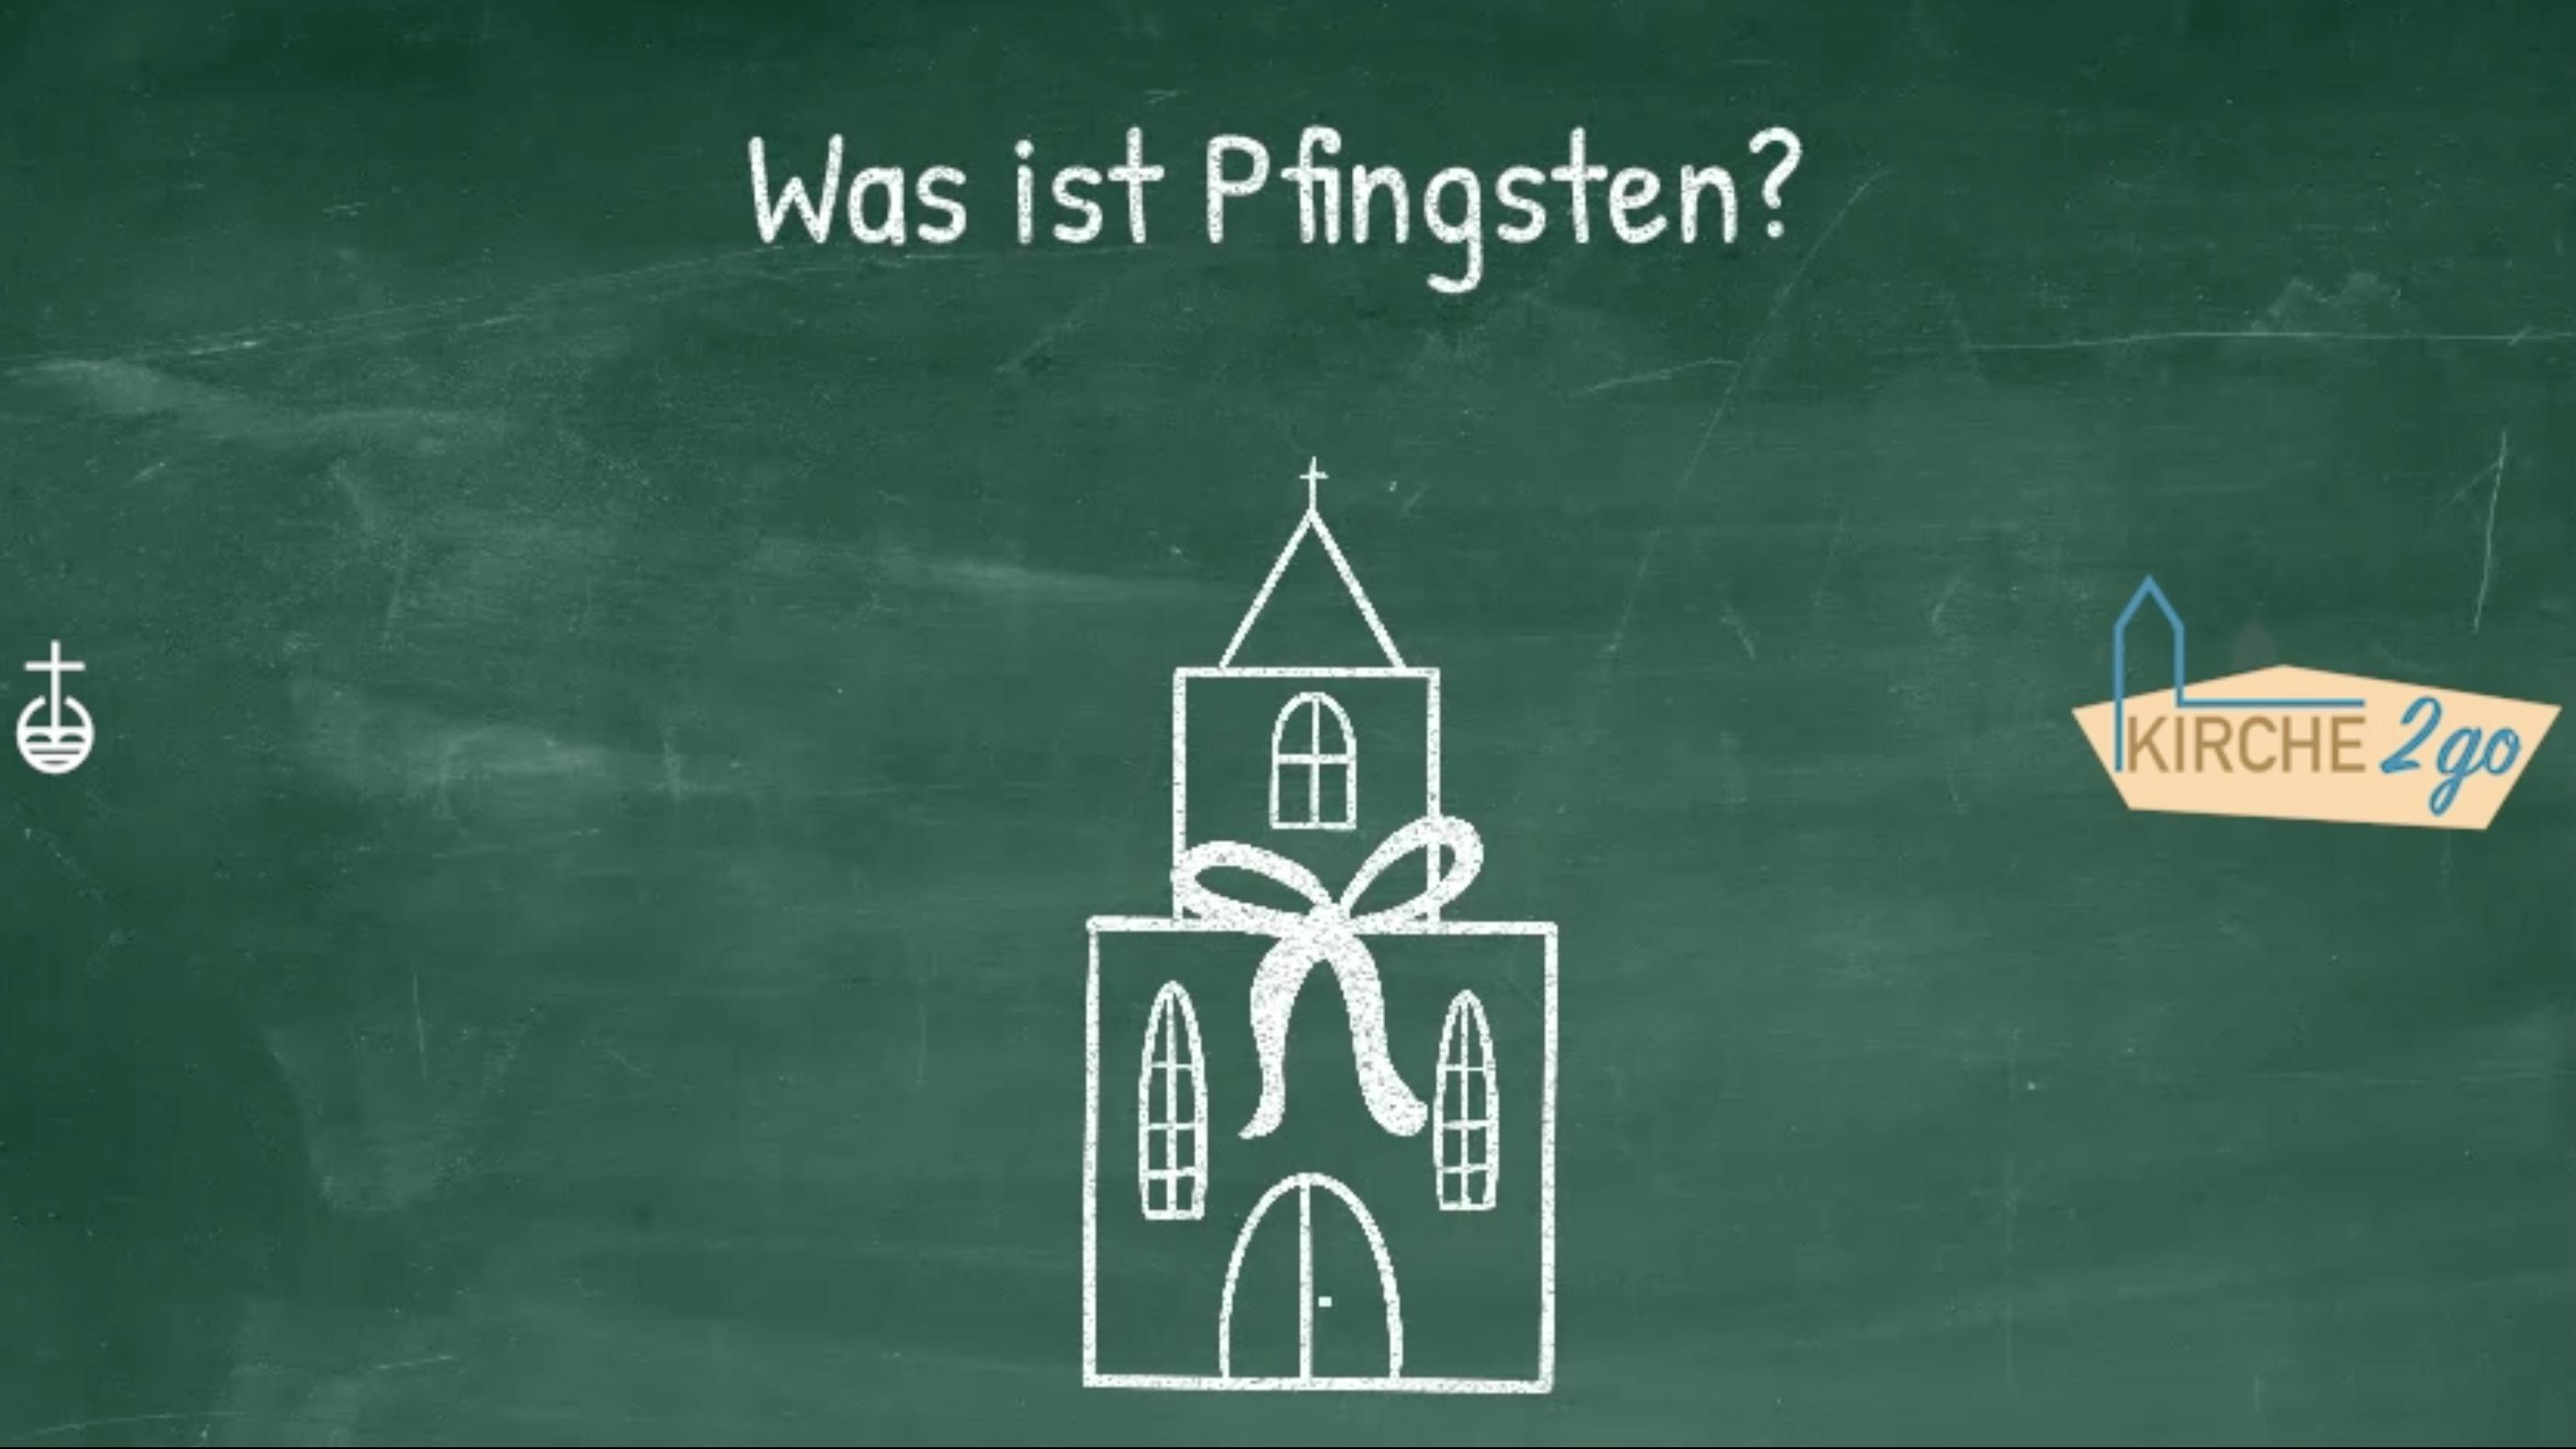 Kirche2go fragt: Was ist Pfingsten?